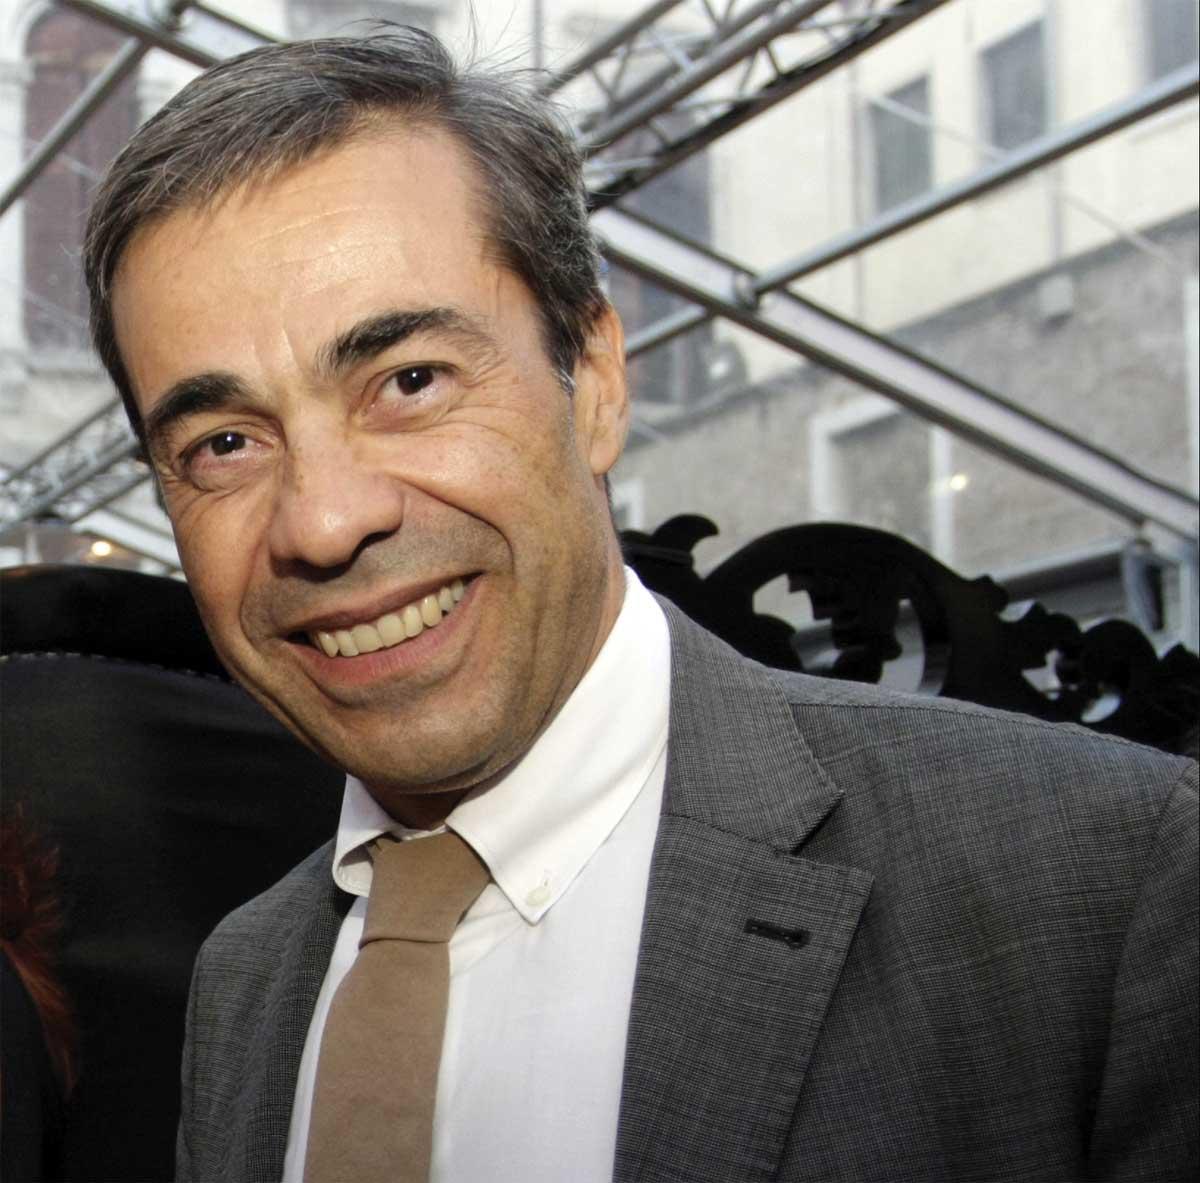 Confindustria Vicenza vicepresidente Domenico Di Fonso